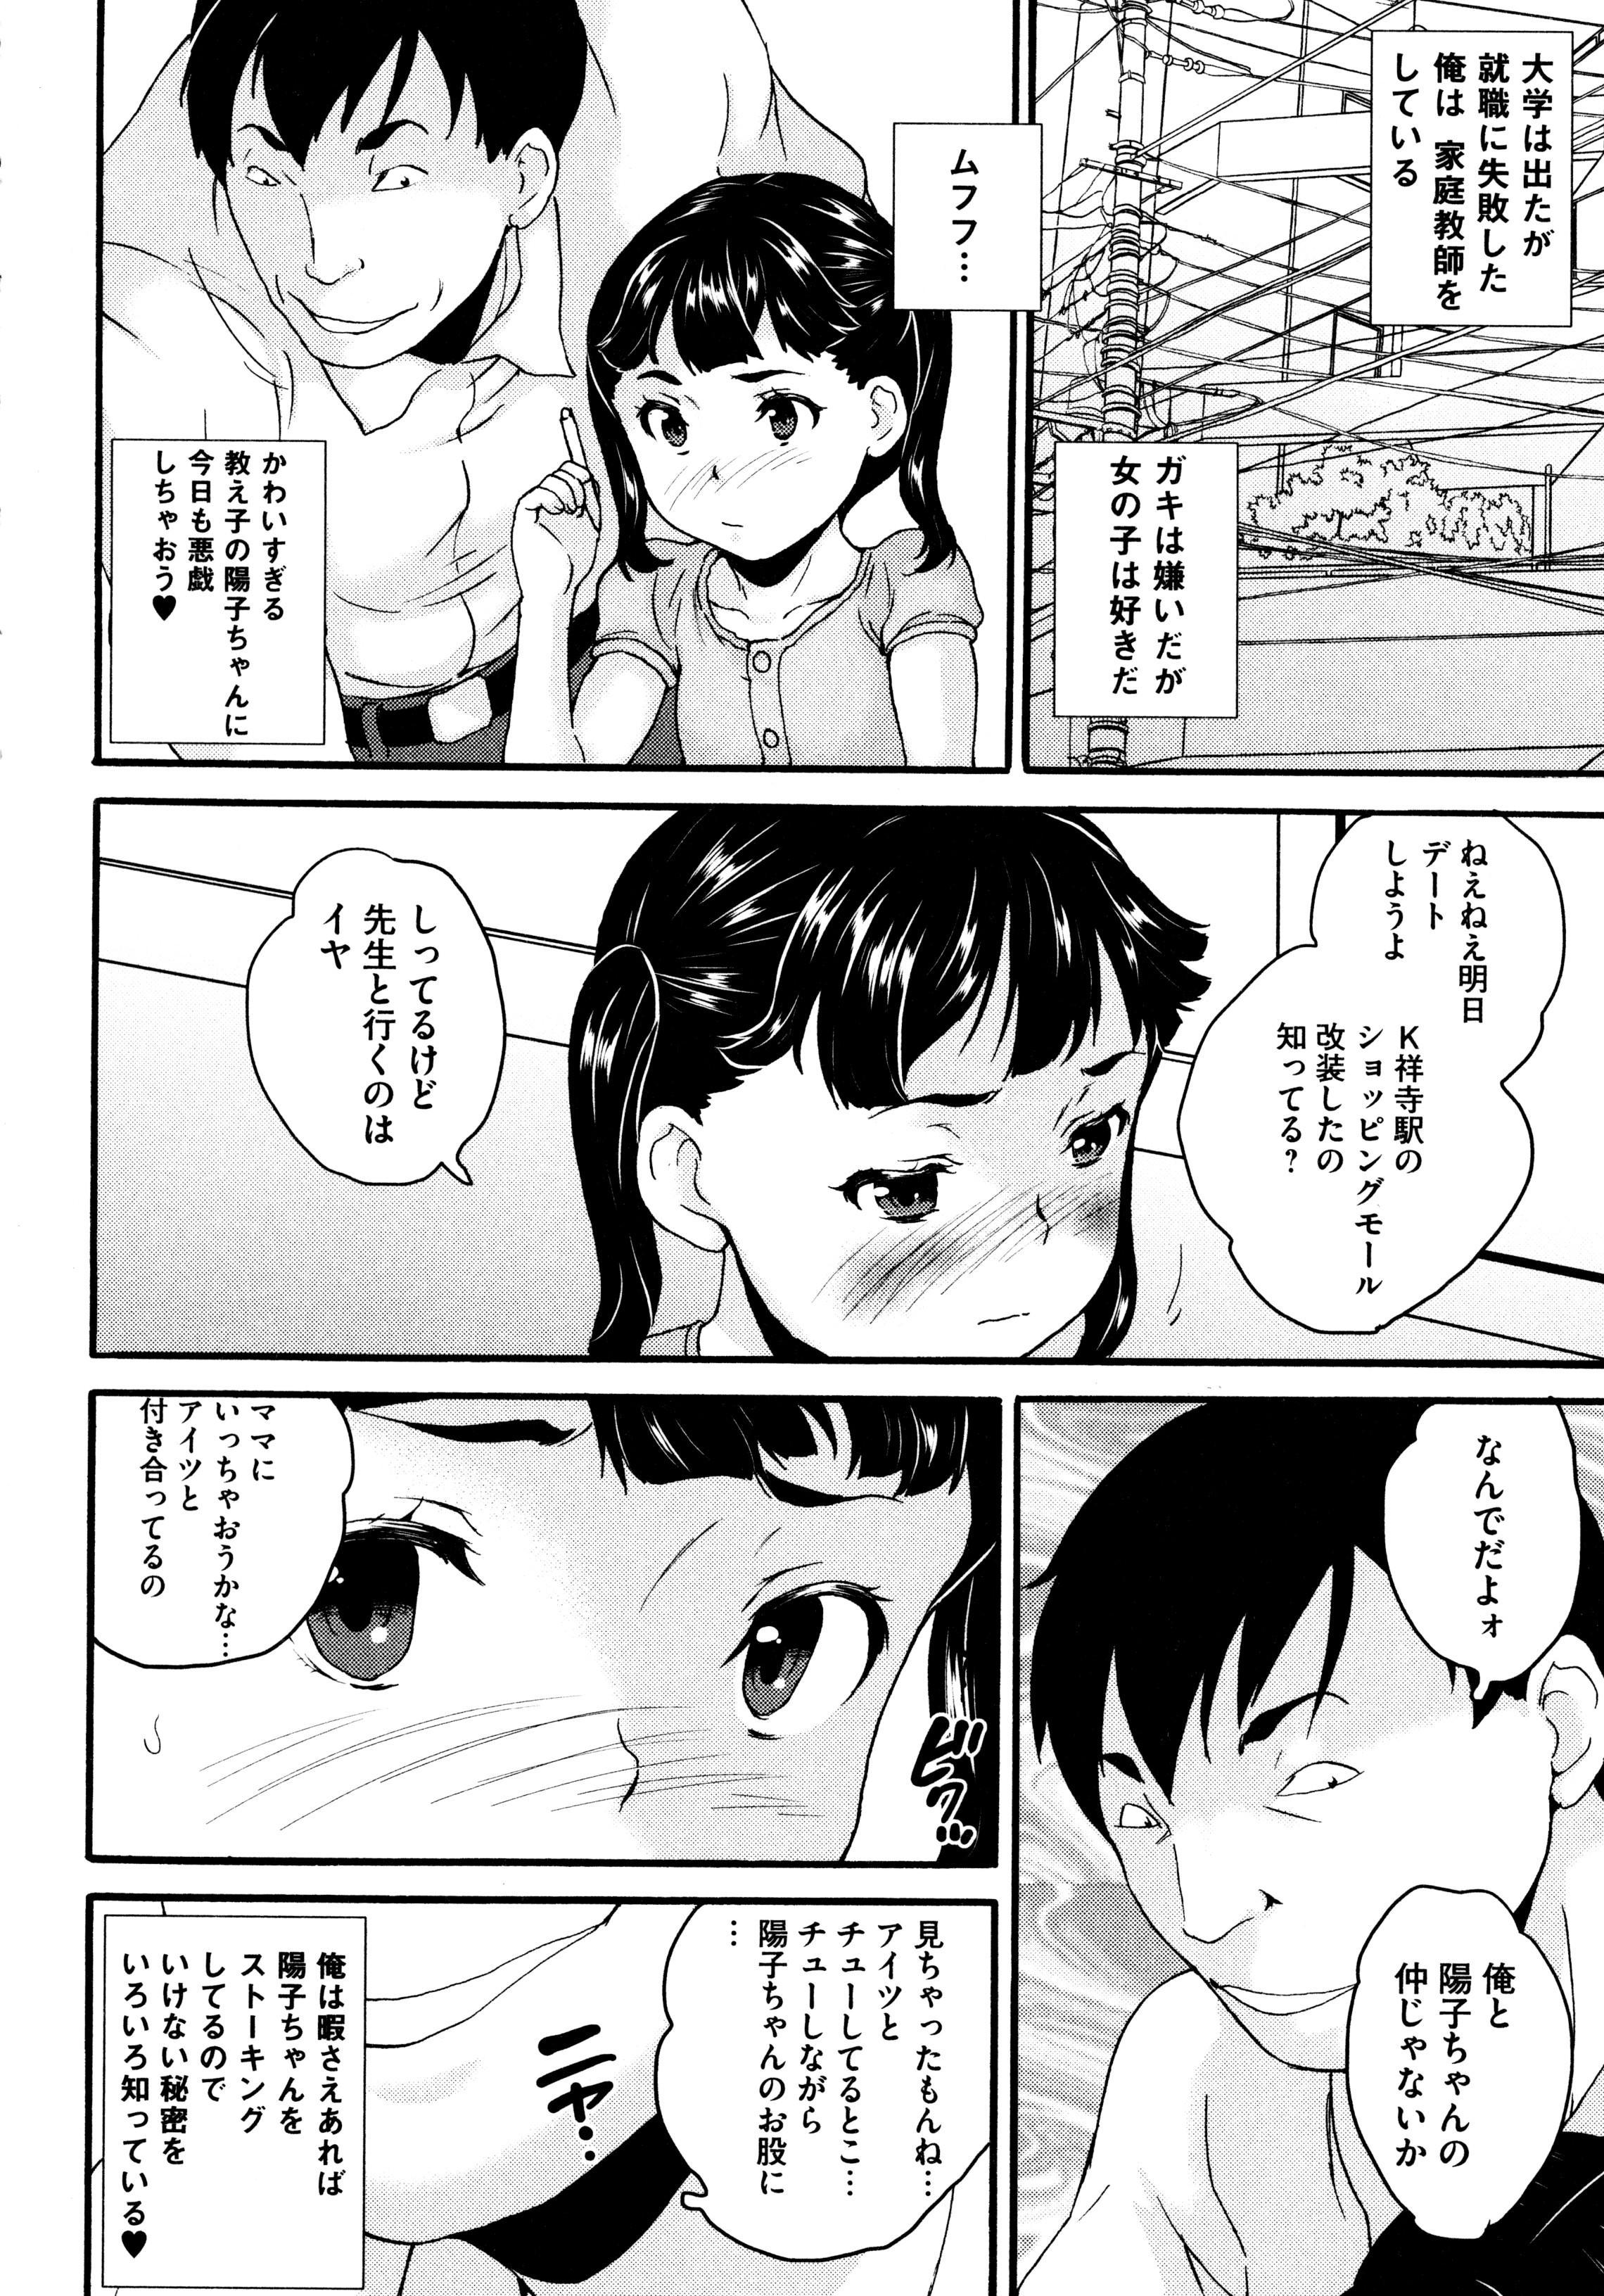 Bishoujo Ijime School 52